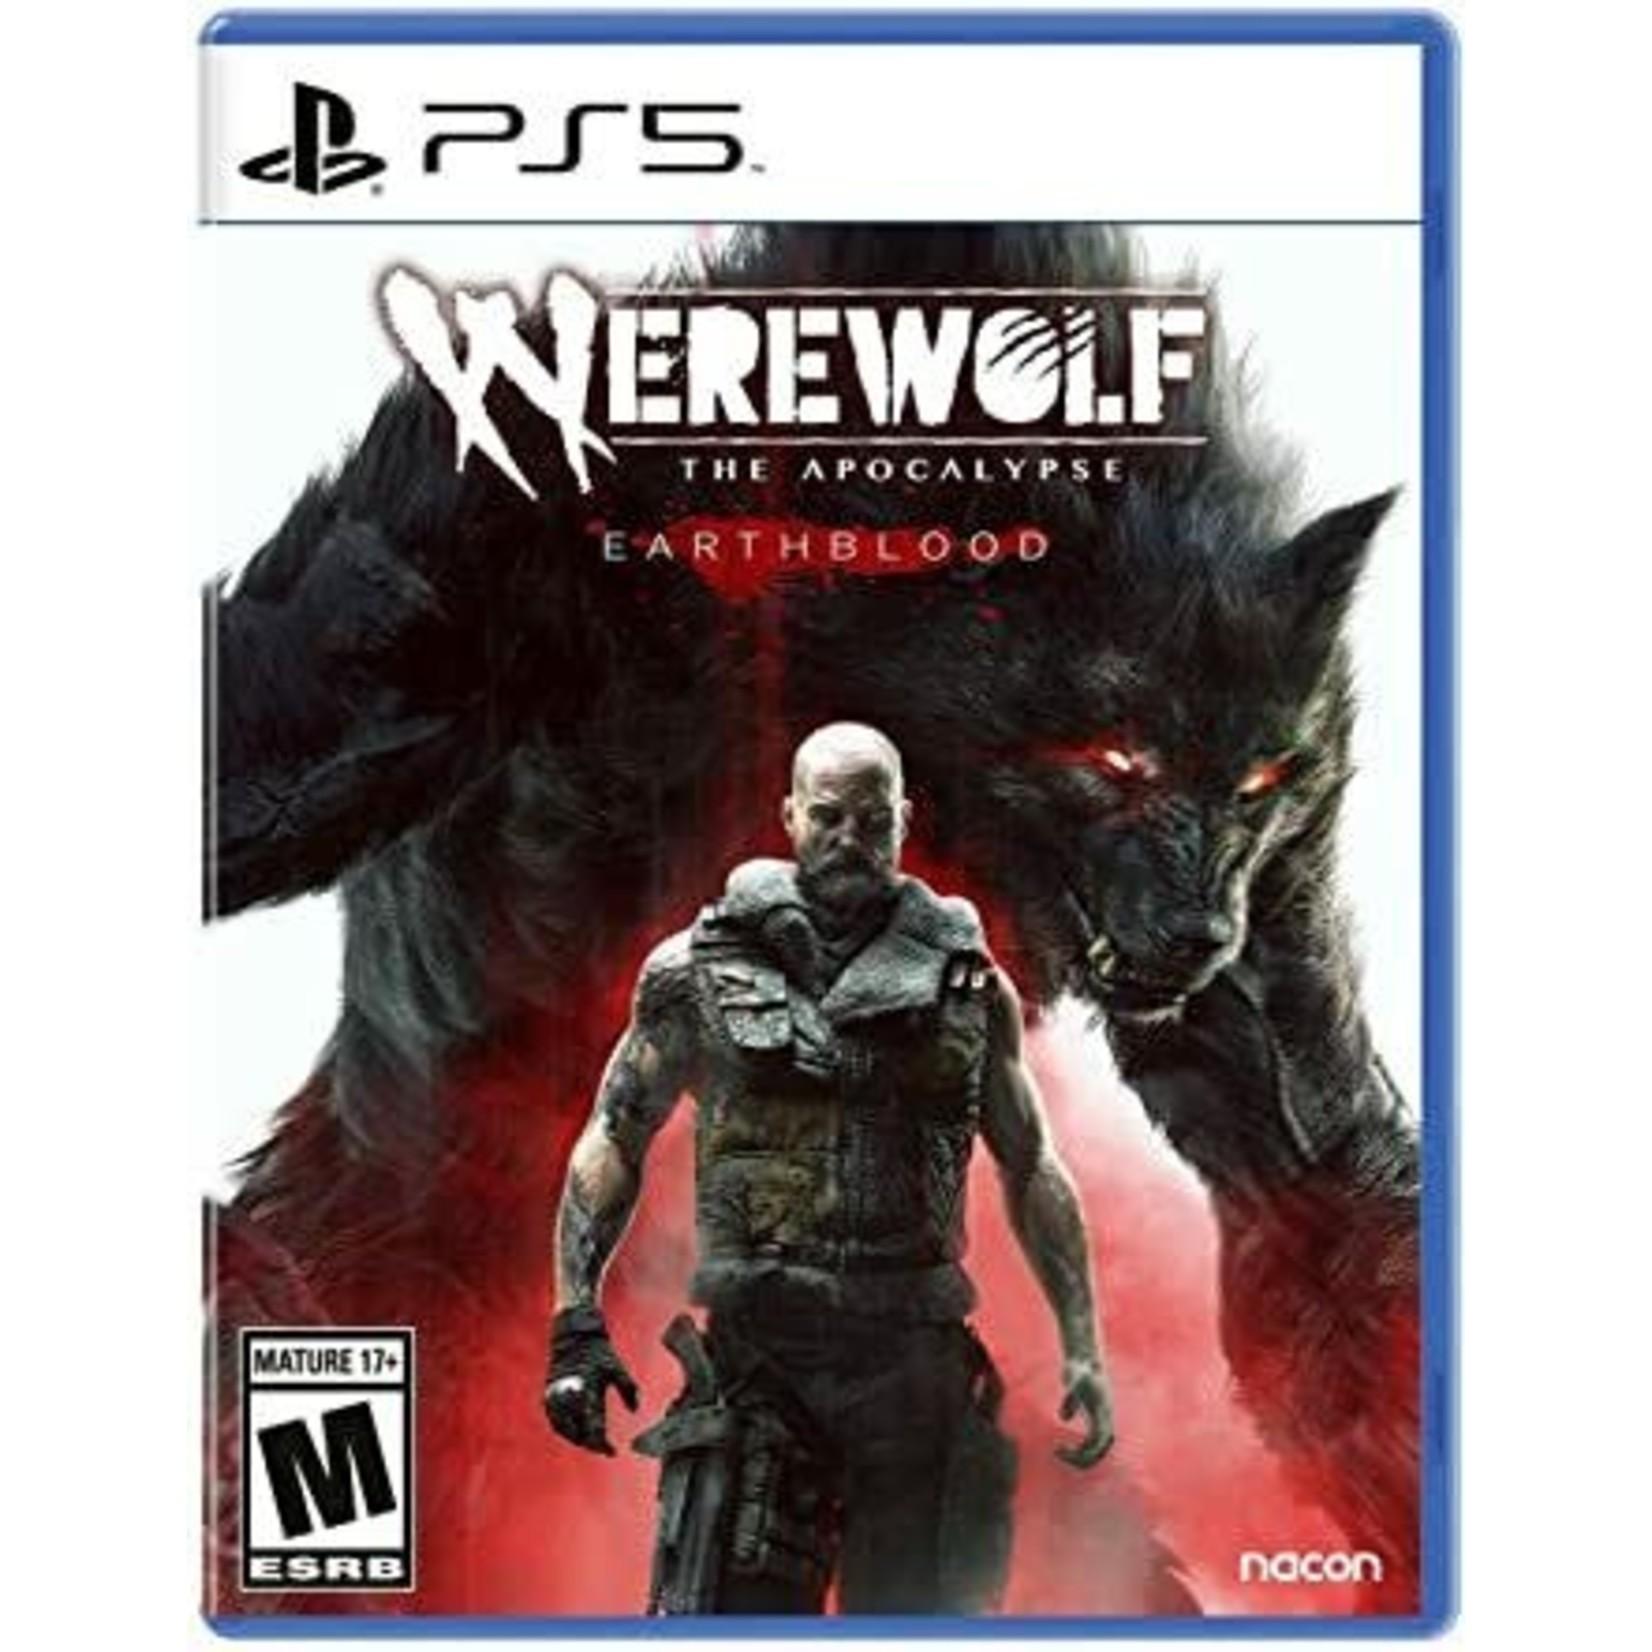 PS5U-Werewolf: The Apocalypse Earthblood